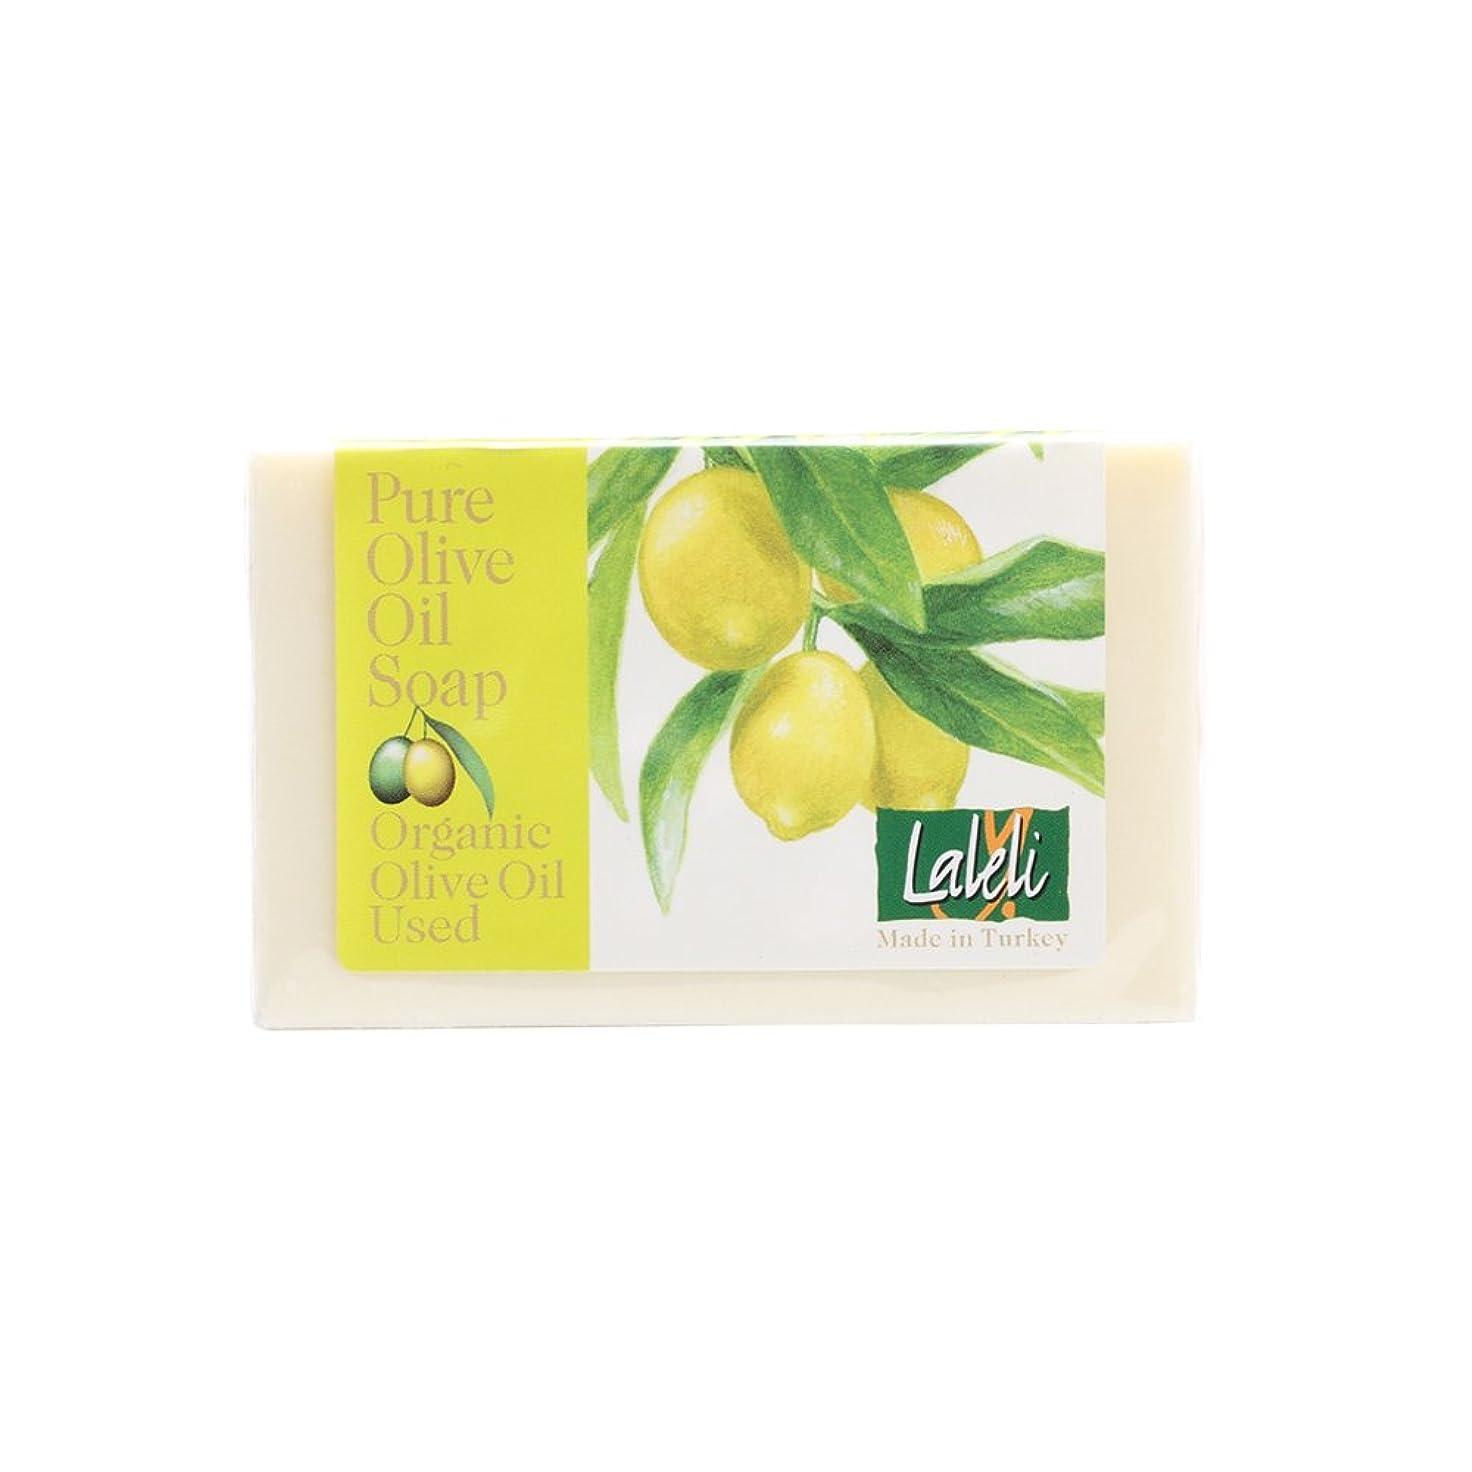 シャーロットブロンテ病院お嬢ラーレリ オーガニックオリーブオイルソープ レモン 120g